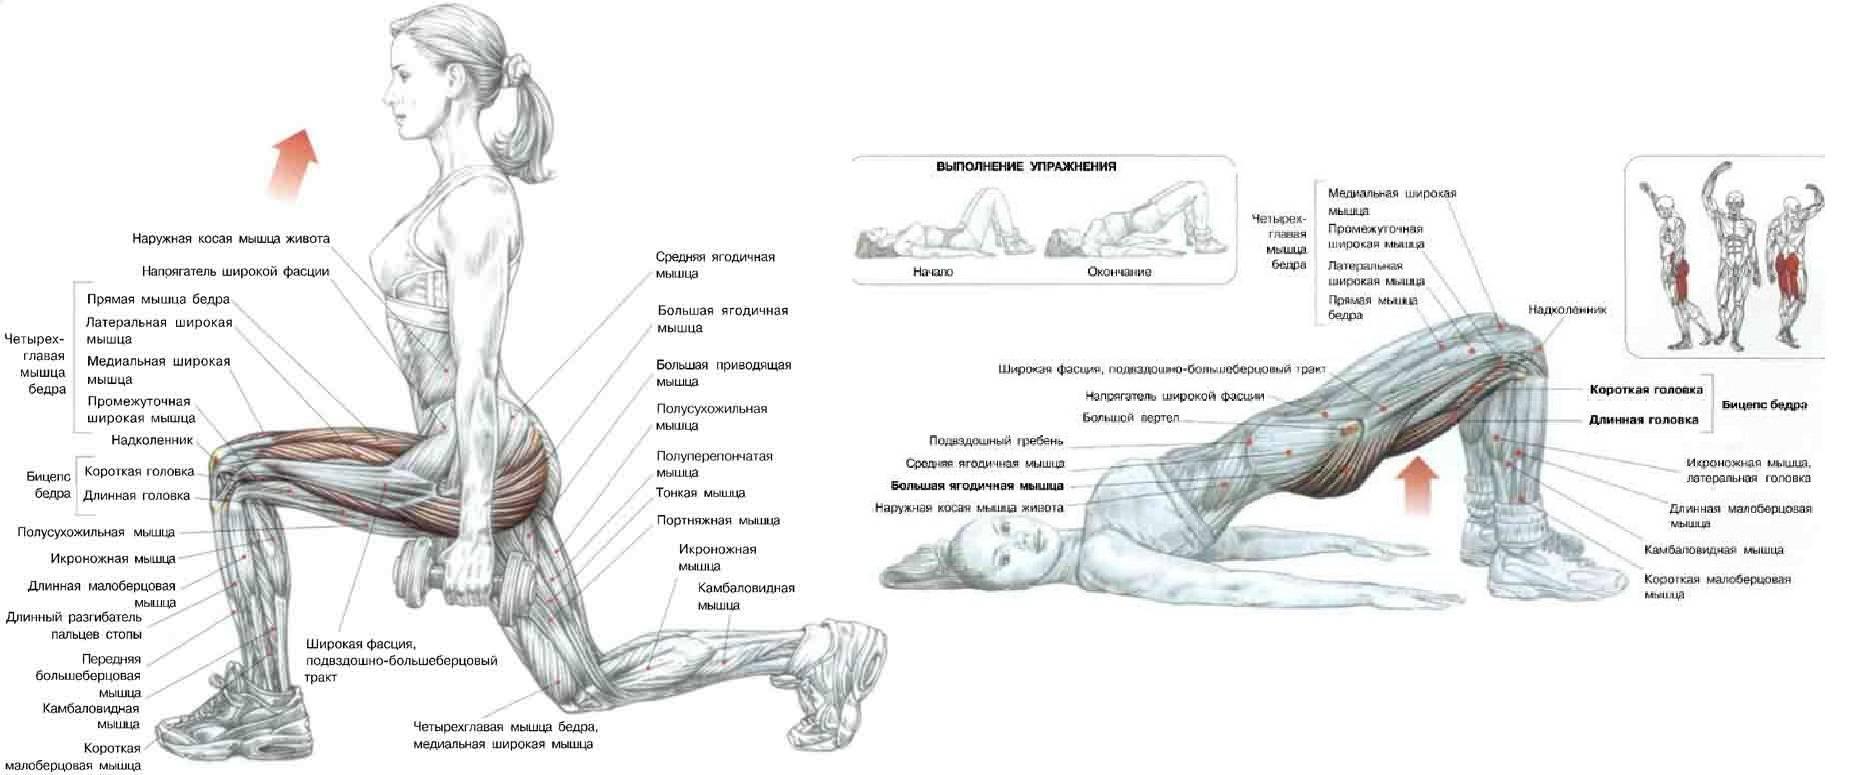 Пампинг, короткая/усеченная аплитуда упражения, работа внутри амплитуды, максимальная/полная амплитуда, мышечный насос